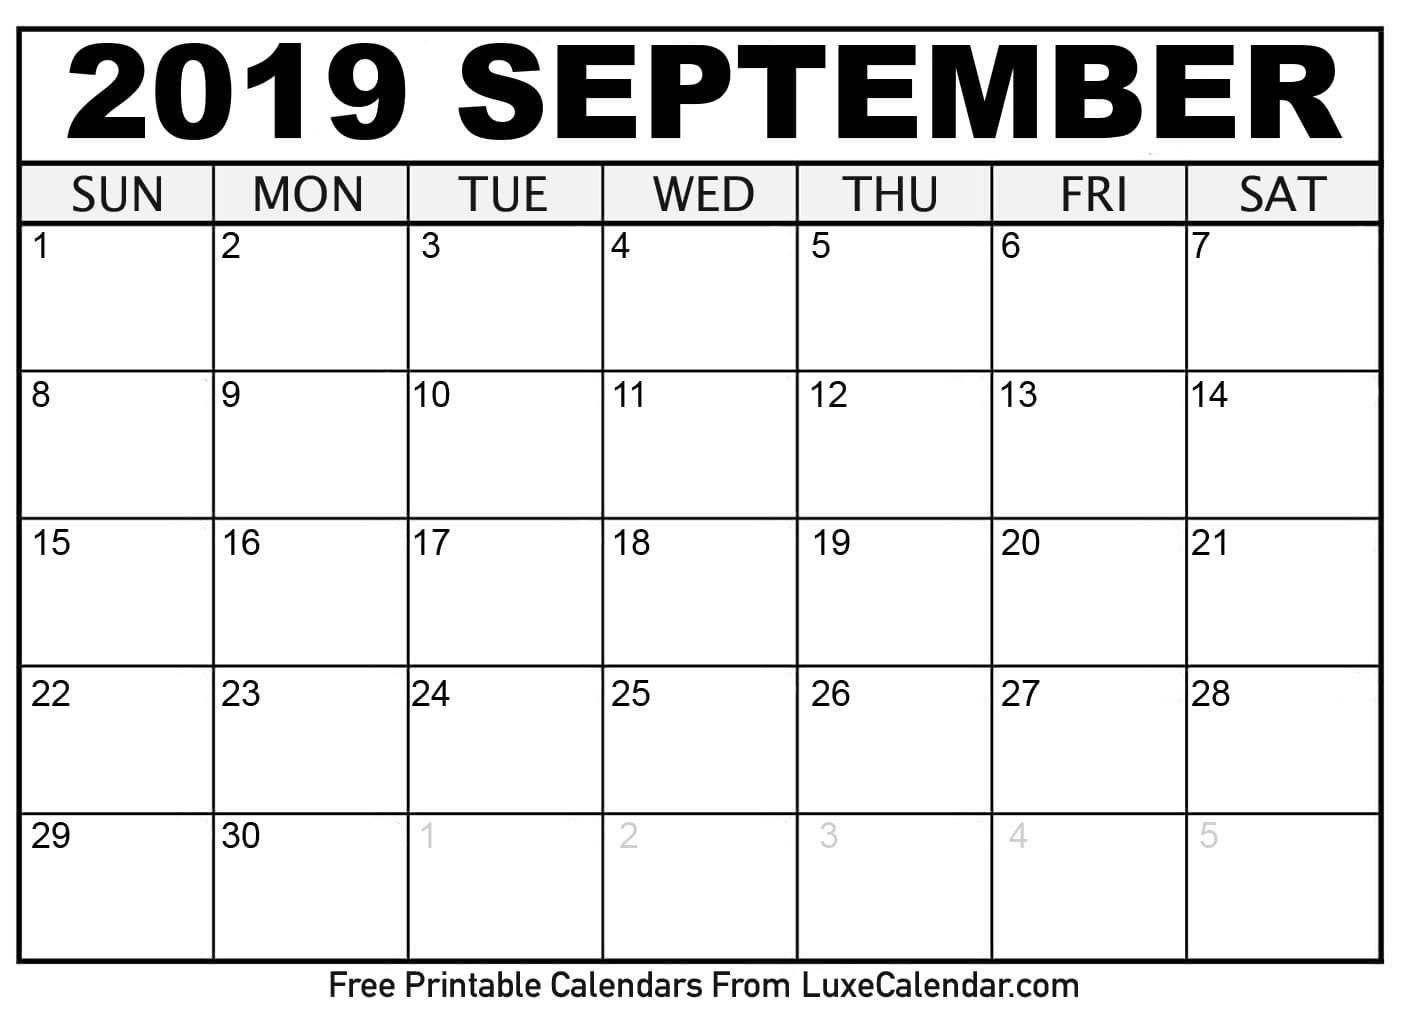 Monday Sunday Calendar Template September 2019 | Calendar Format Example with regard to Monday Sunday Calendar Template September